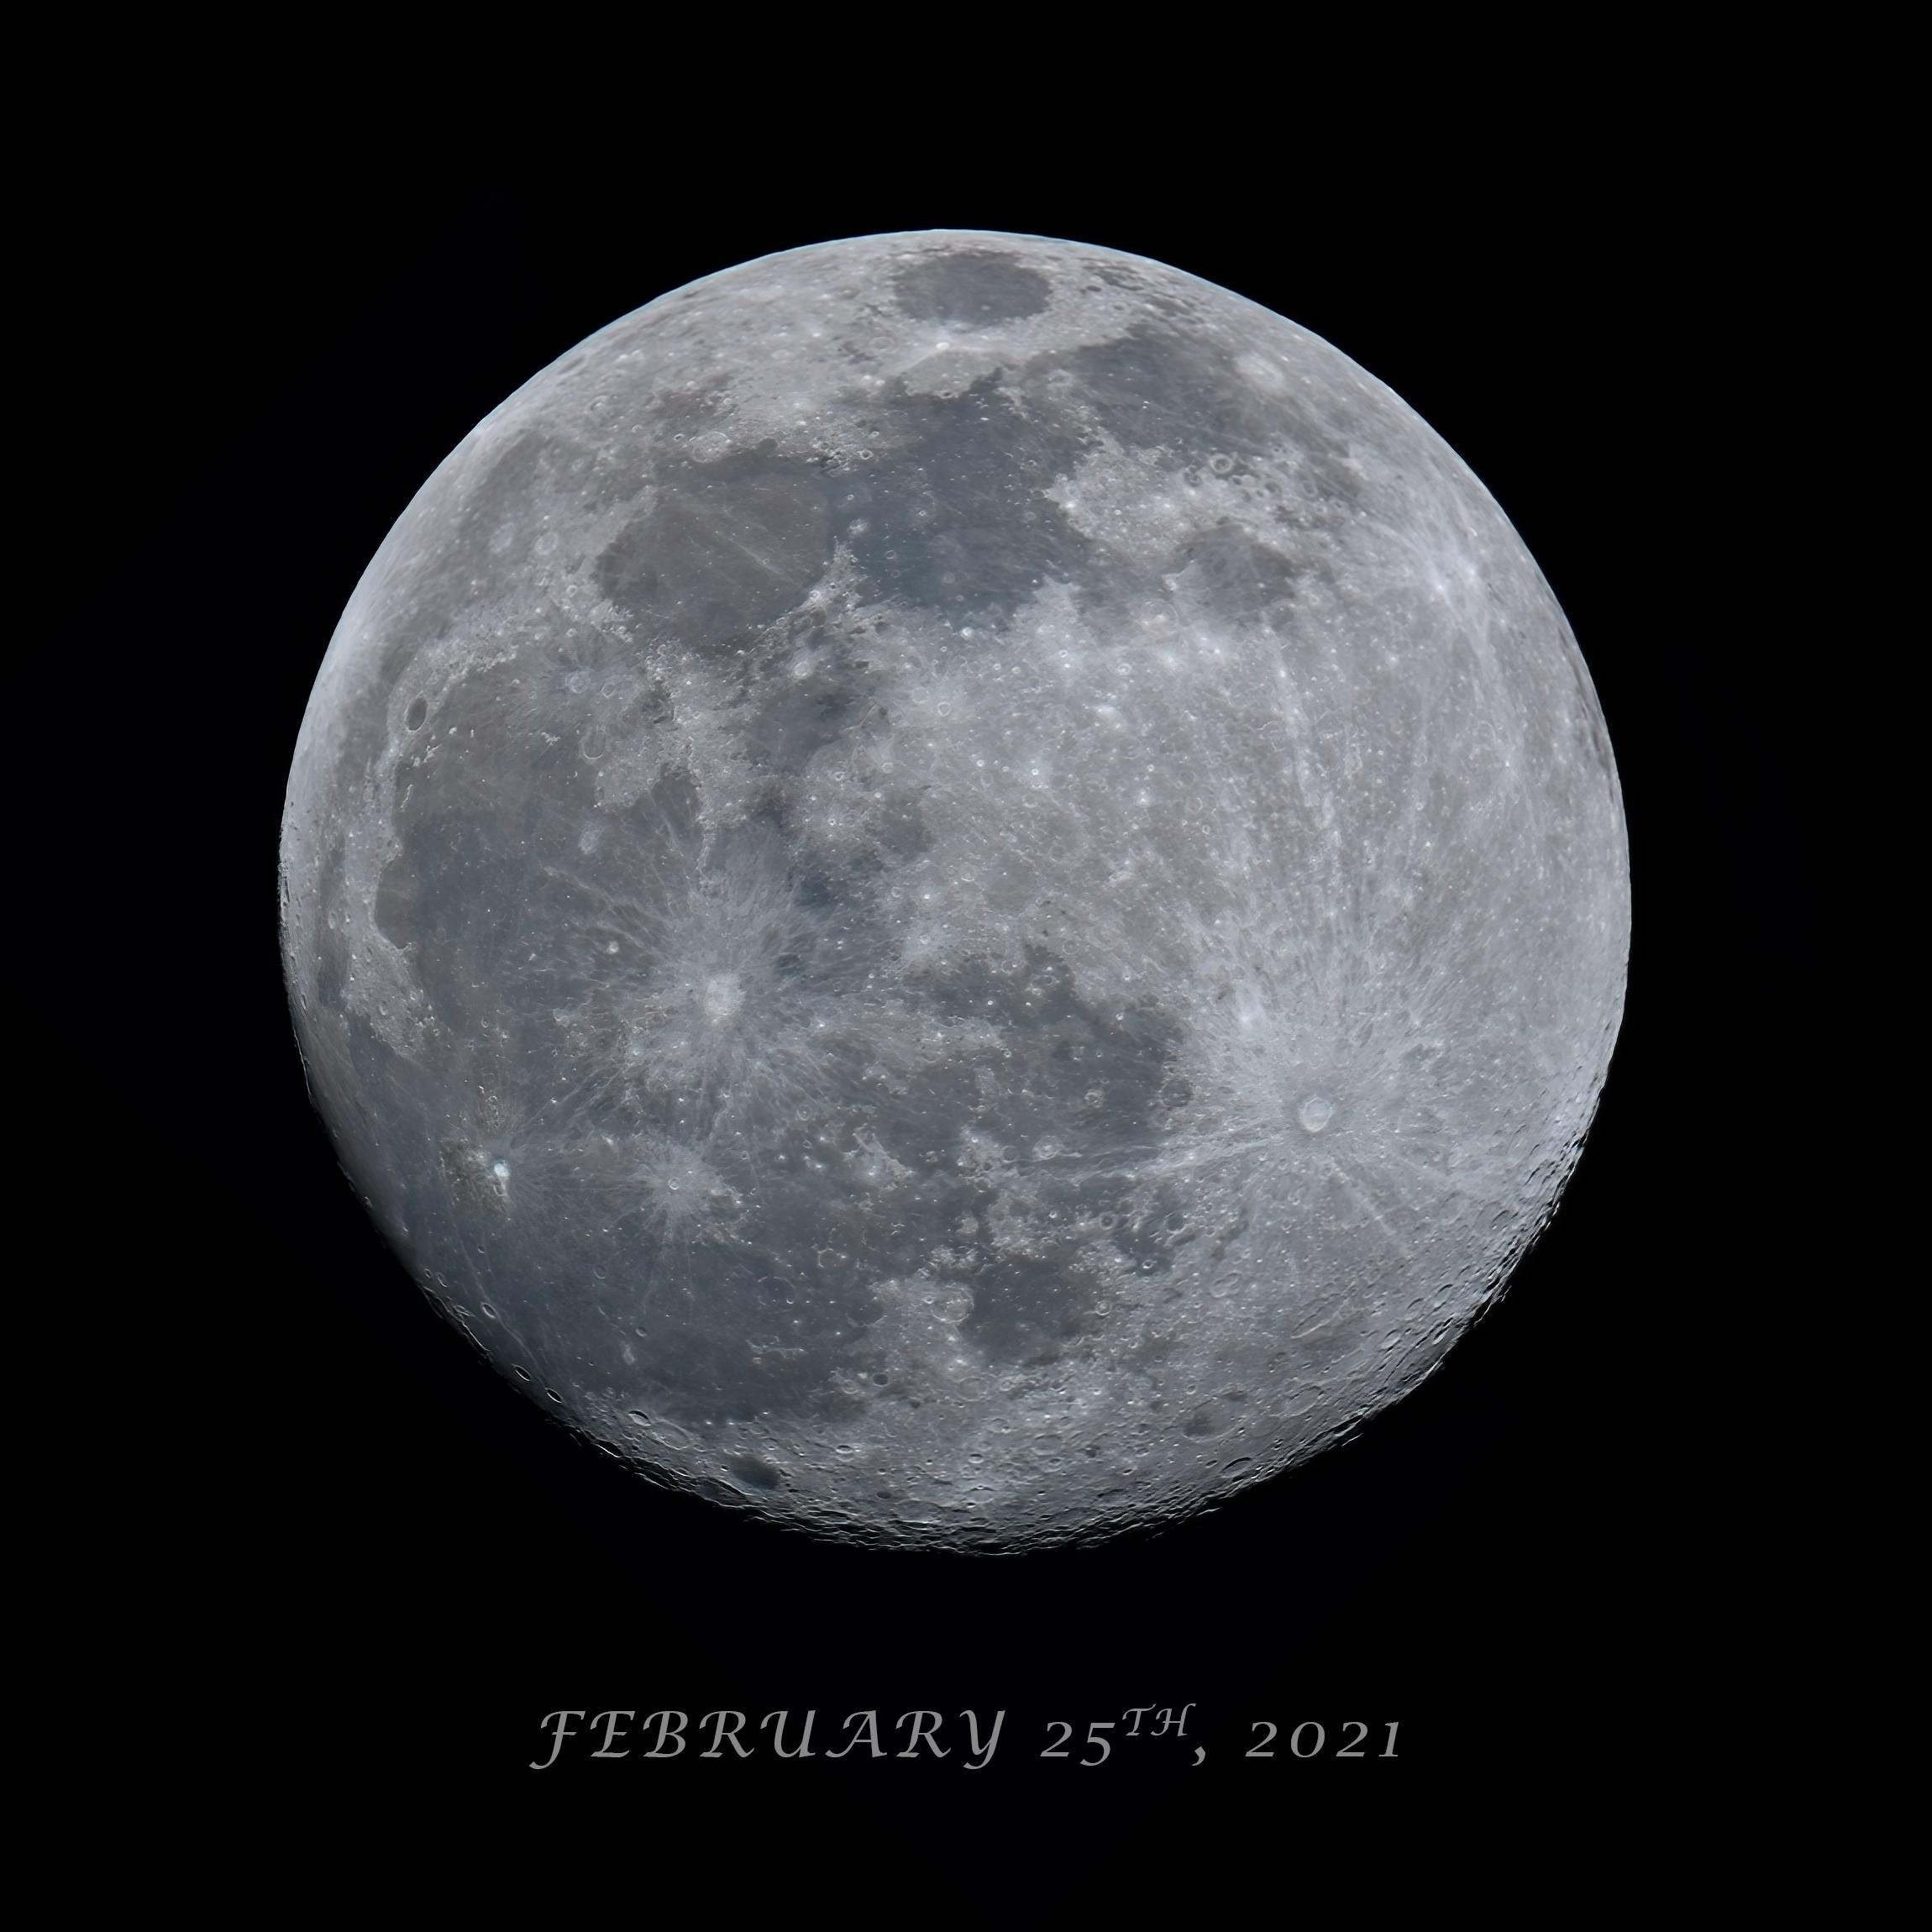 2021-02-25_10-53-39.jpg